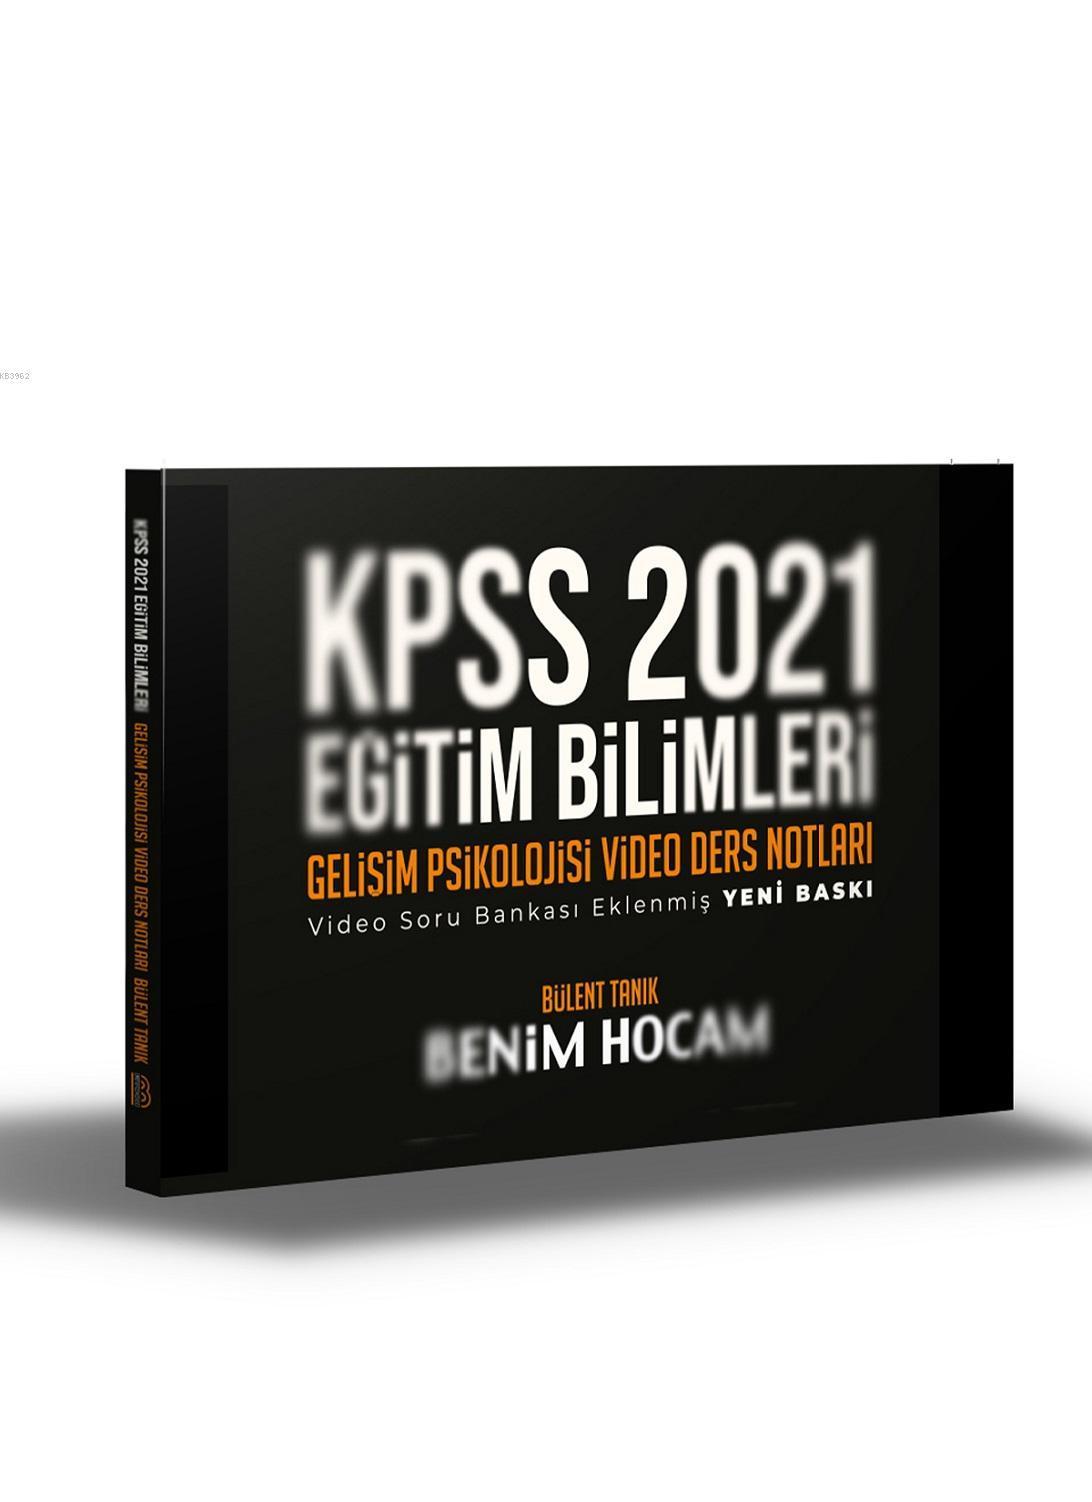 2021 KPSS Eğitim Bilimleri Gelişim Psikolojisi Video Ders Notları Benim Hocam Yayınları